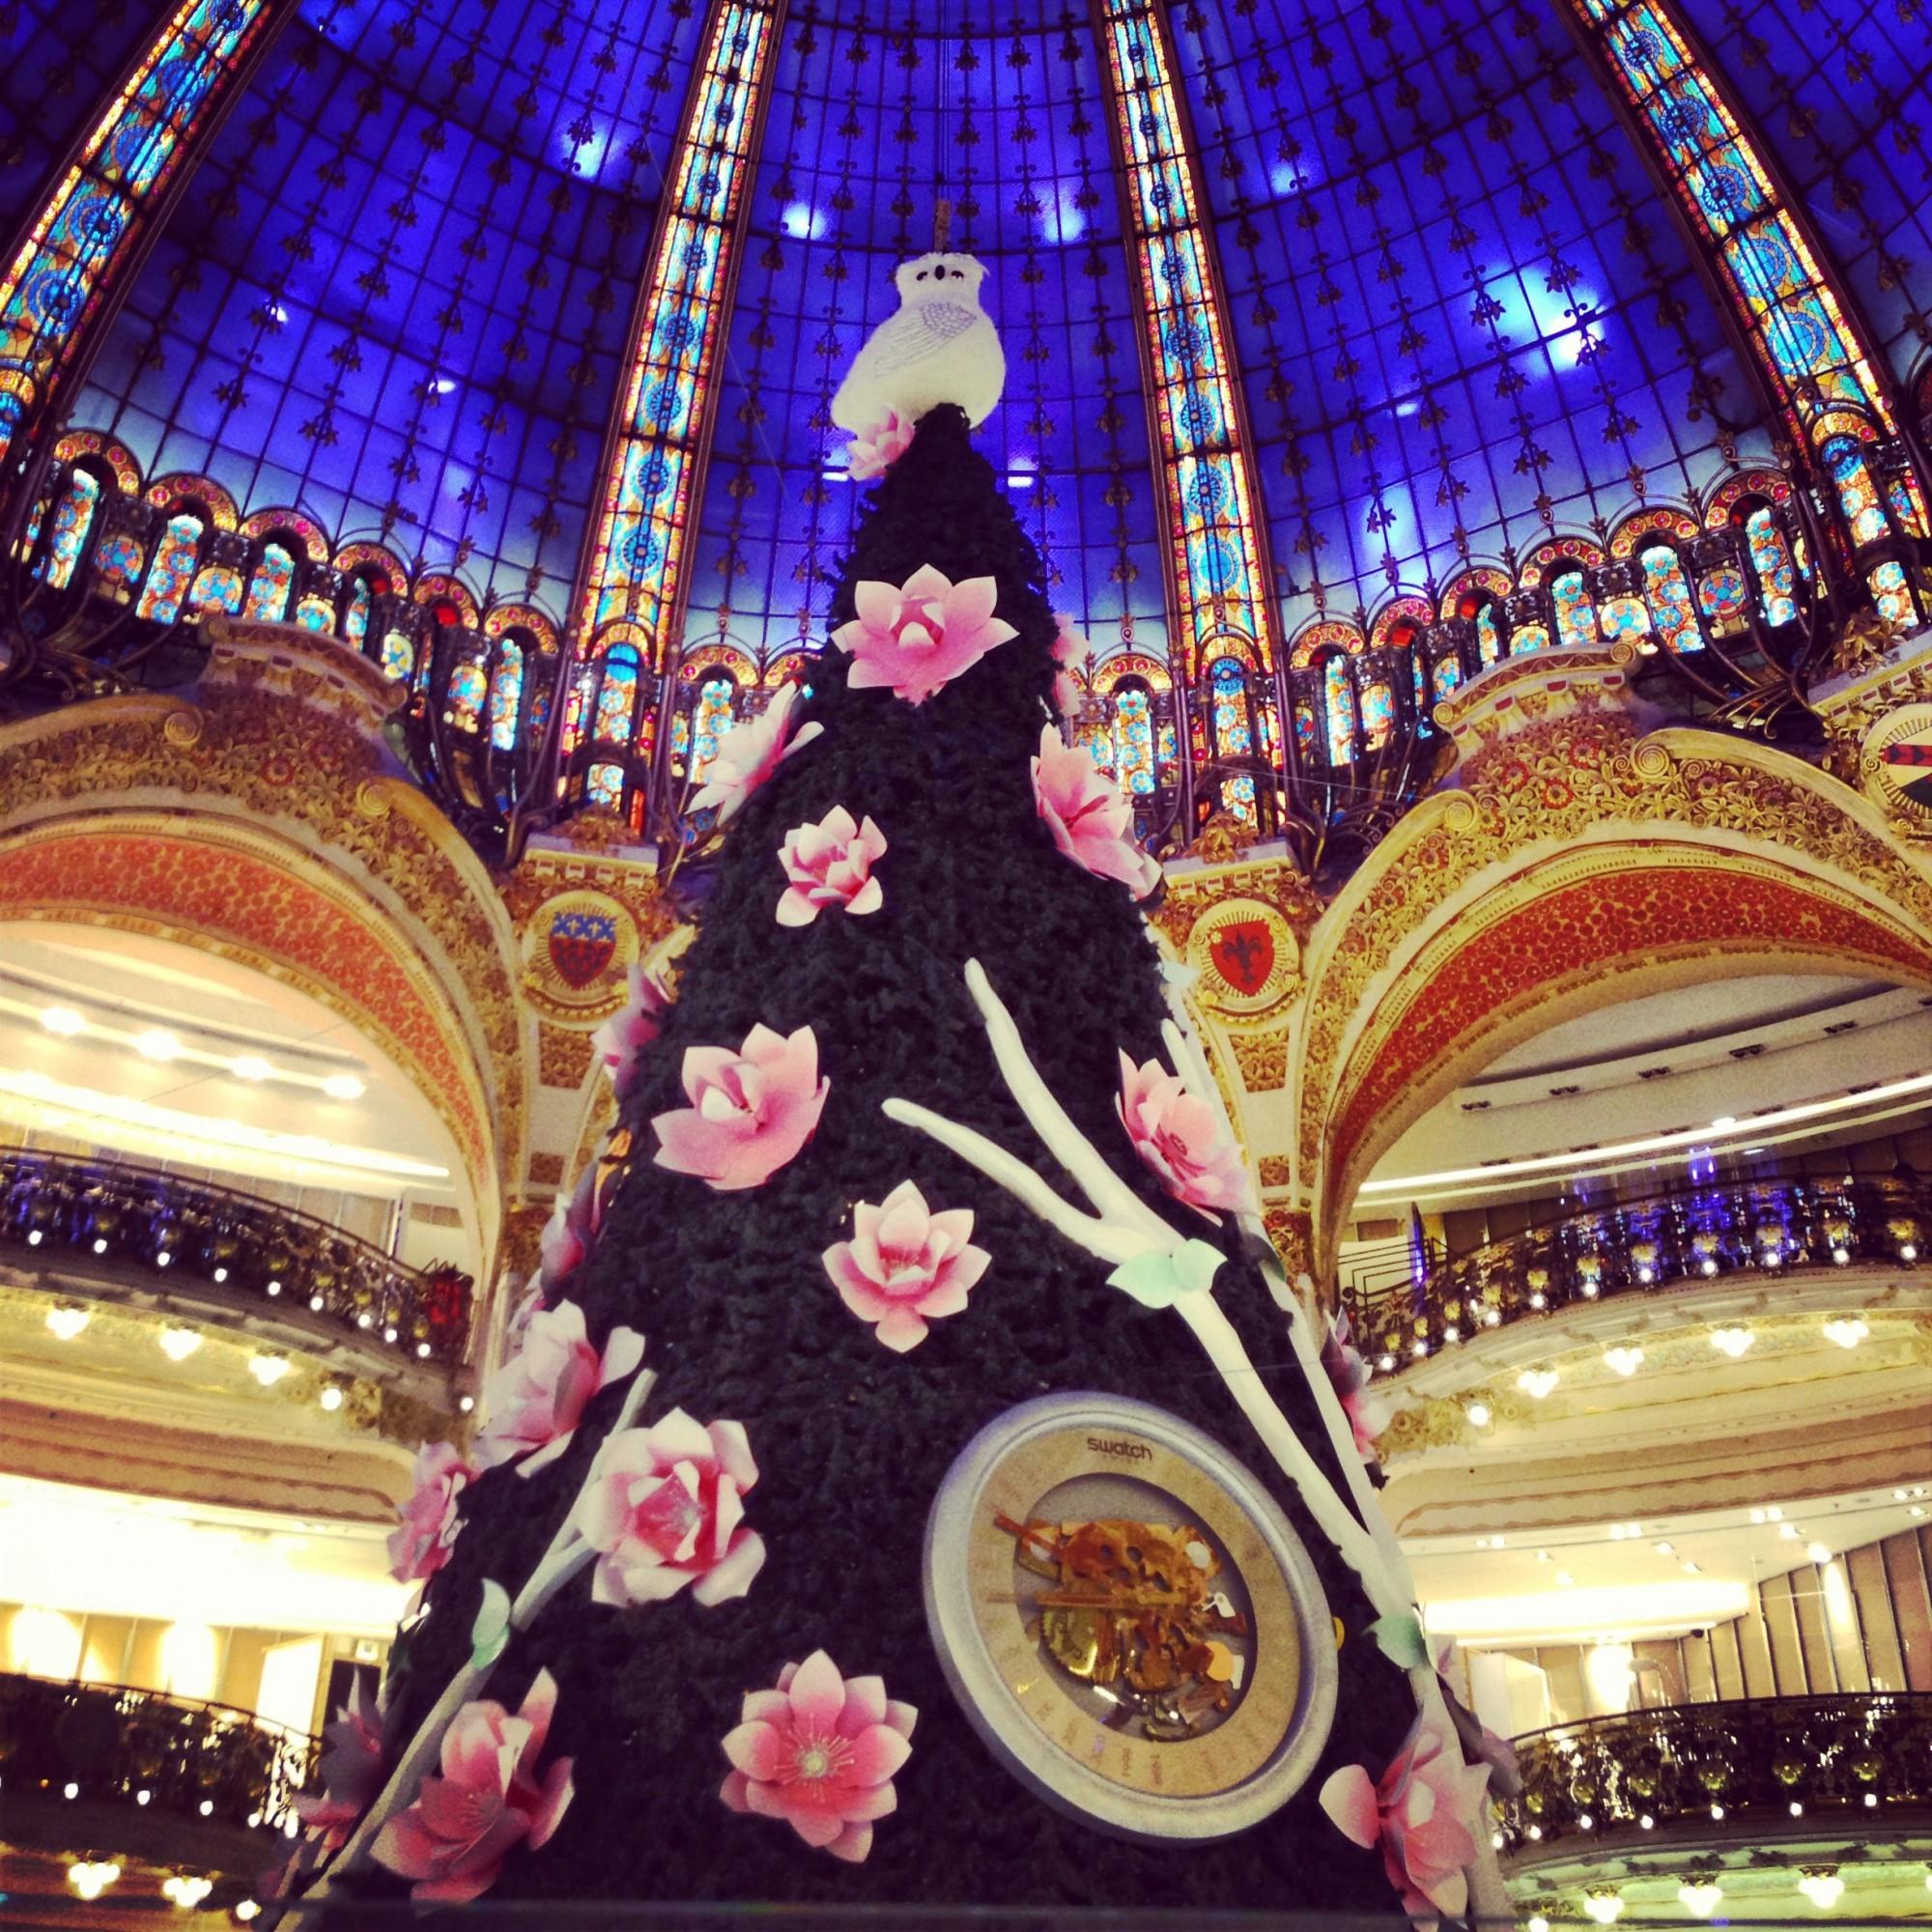 #3117B4 Noël Aux Galeries Lafayette The Parisienne 5431 décorations de noel galeries lafayette 2000x2000 px @ aertt.com